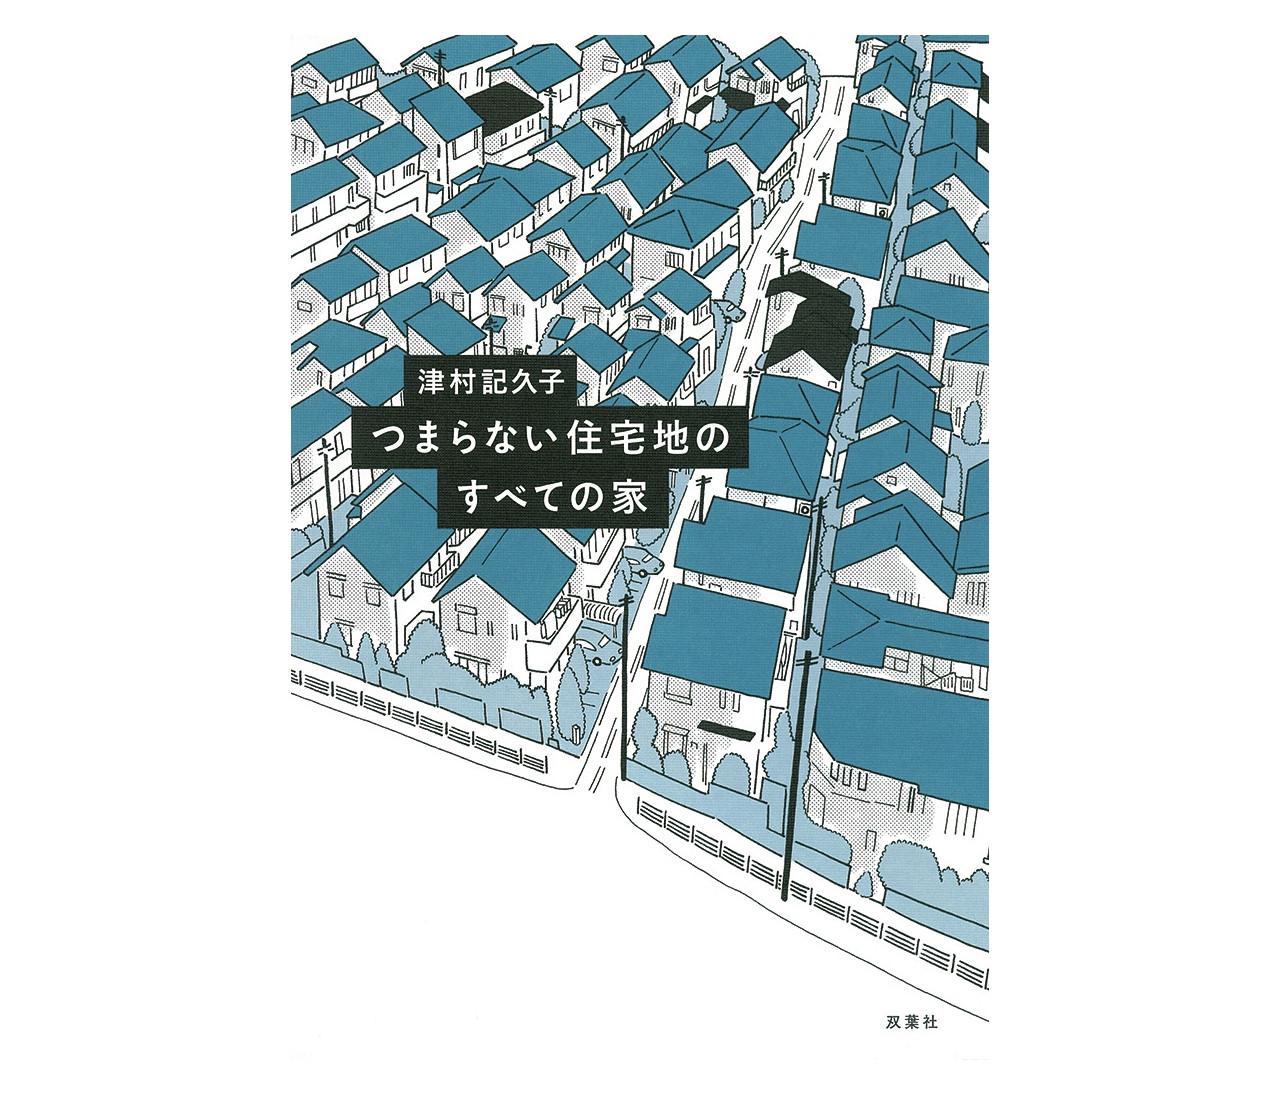 家庭の闇に光をあてた津村記久子の長編小説『つまらない住宅地のすべての家』をレビュー!【30代におすすめの本】